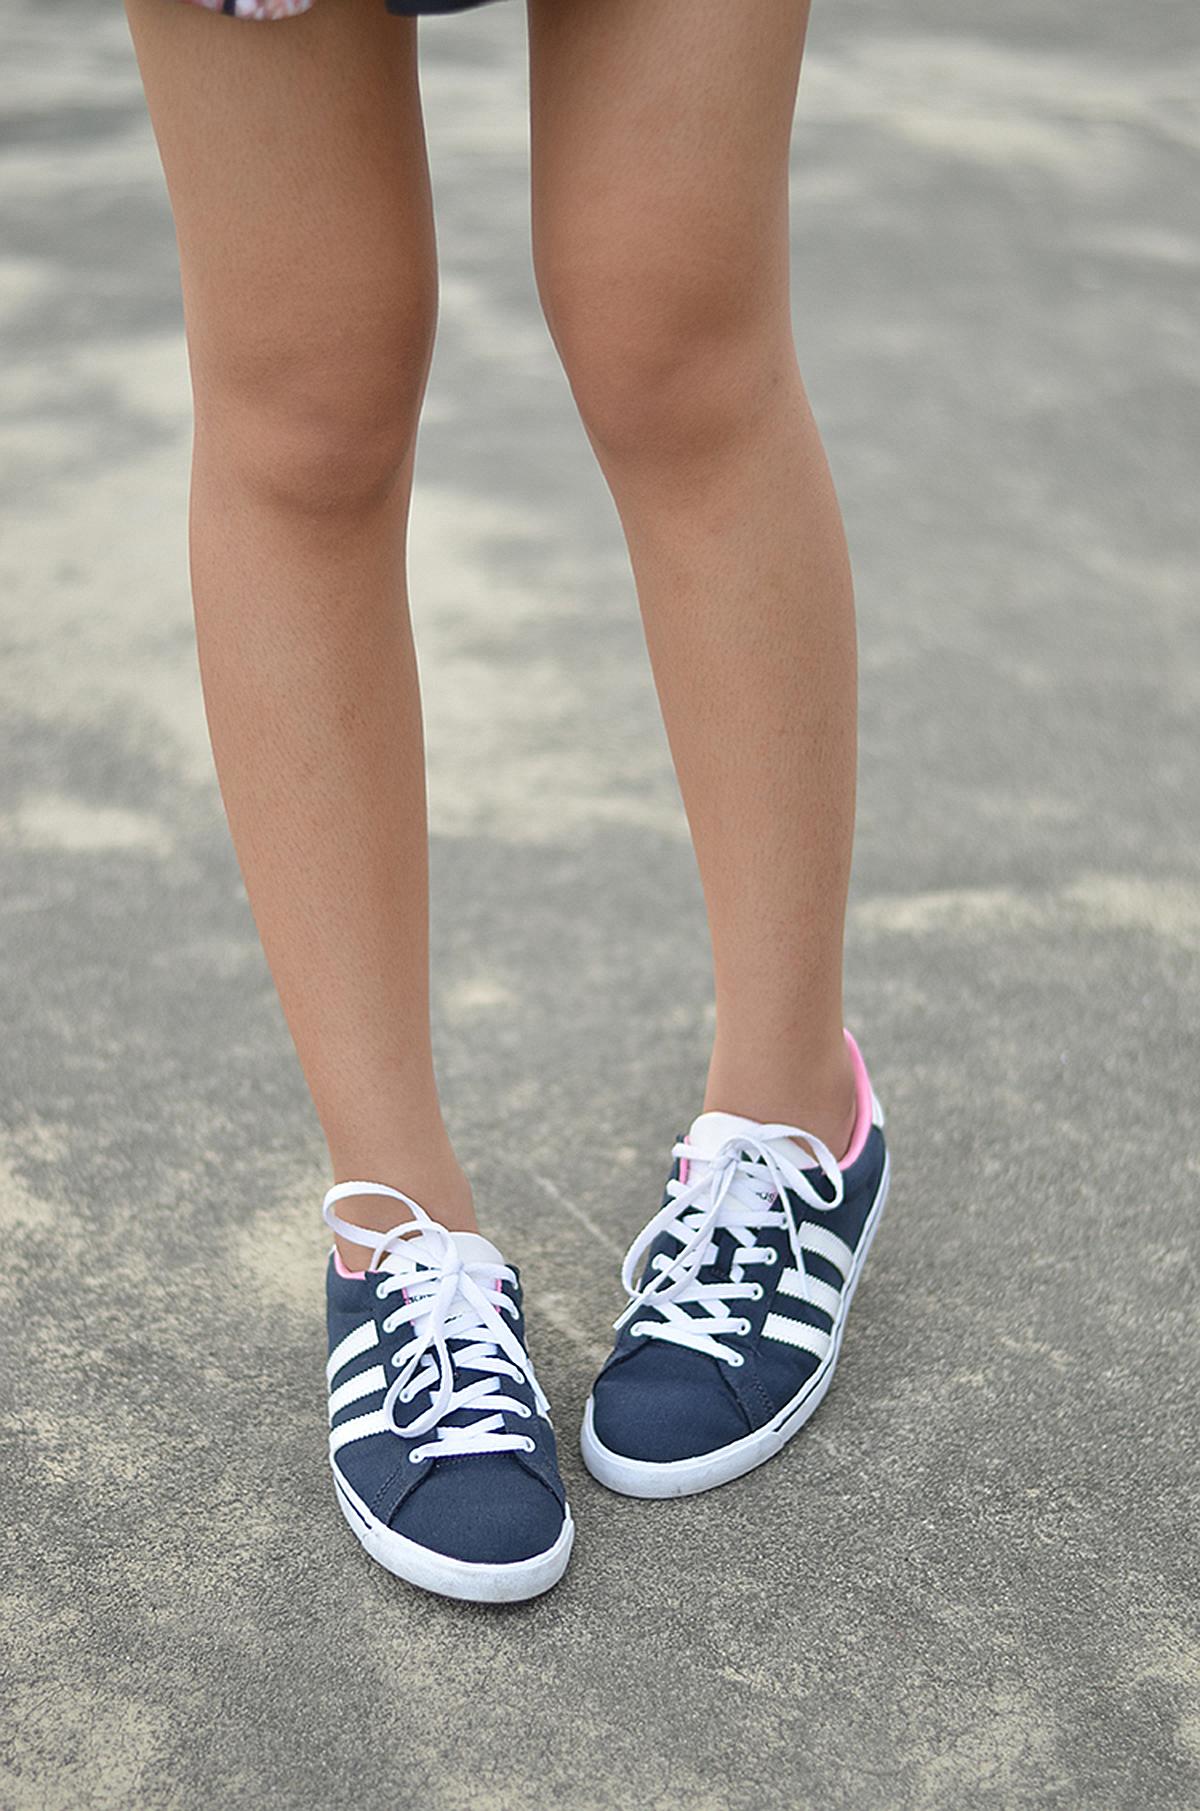 Trice Nagusara Adidas 6